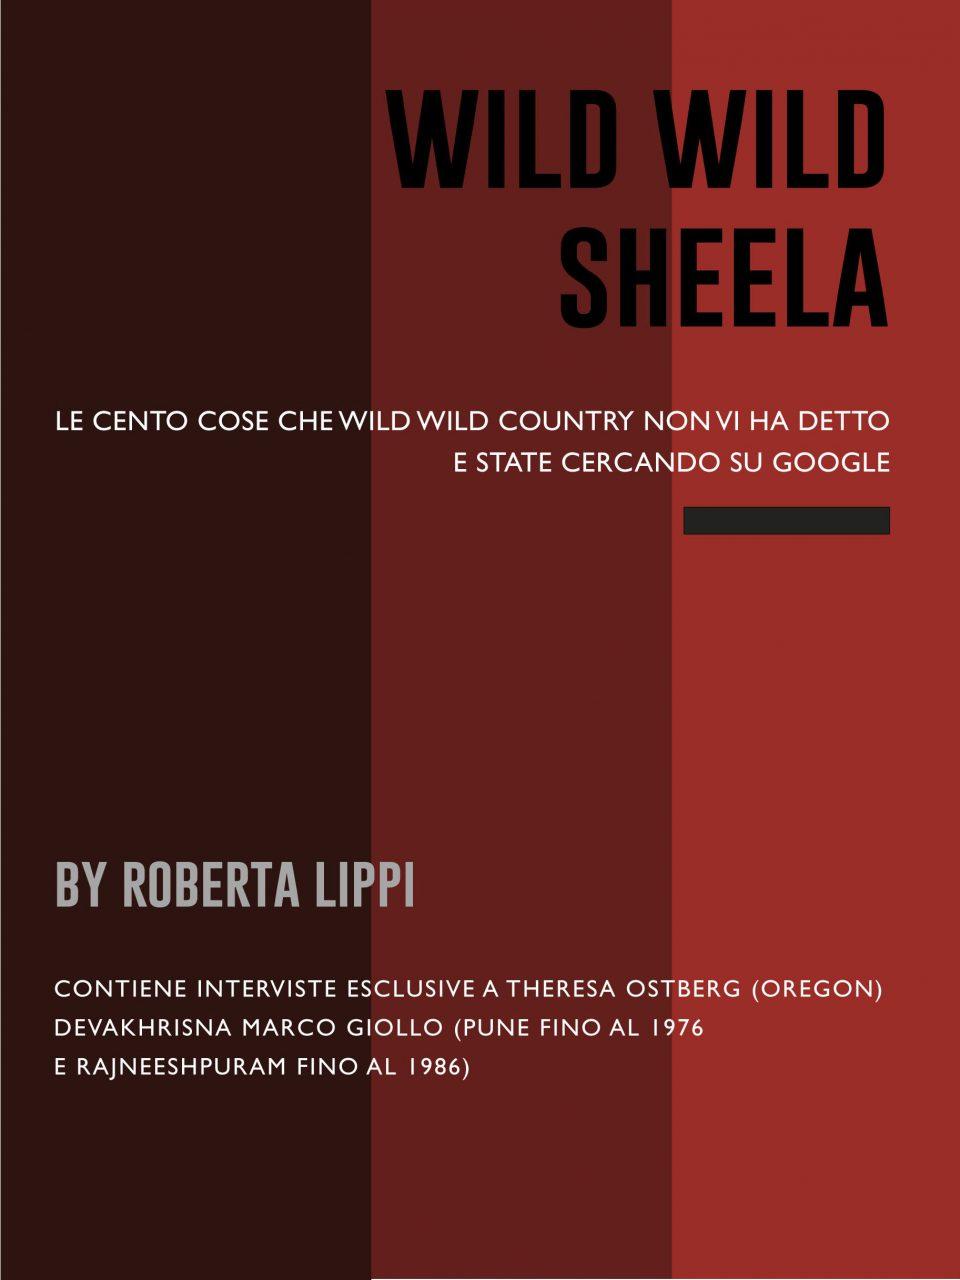 wild_wild_sheela